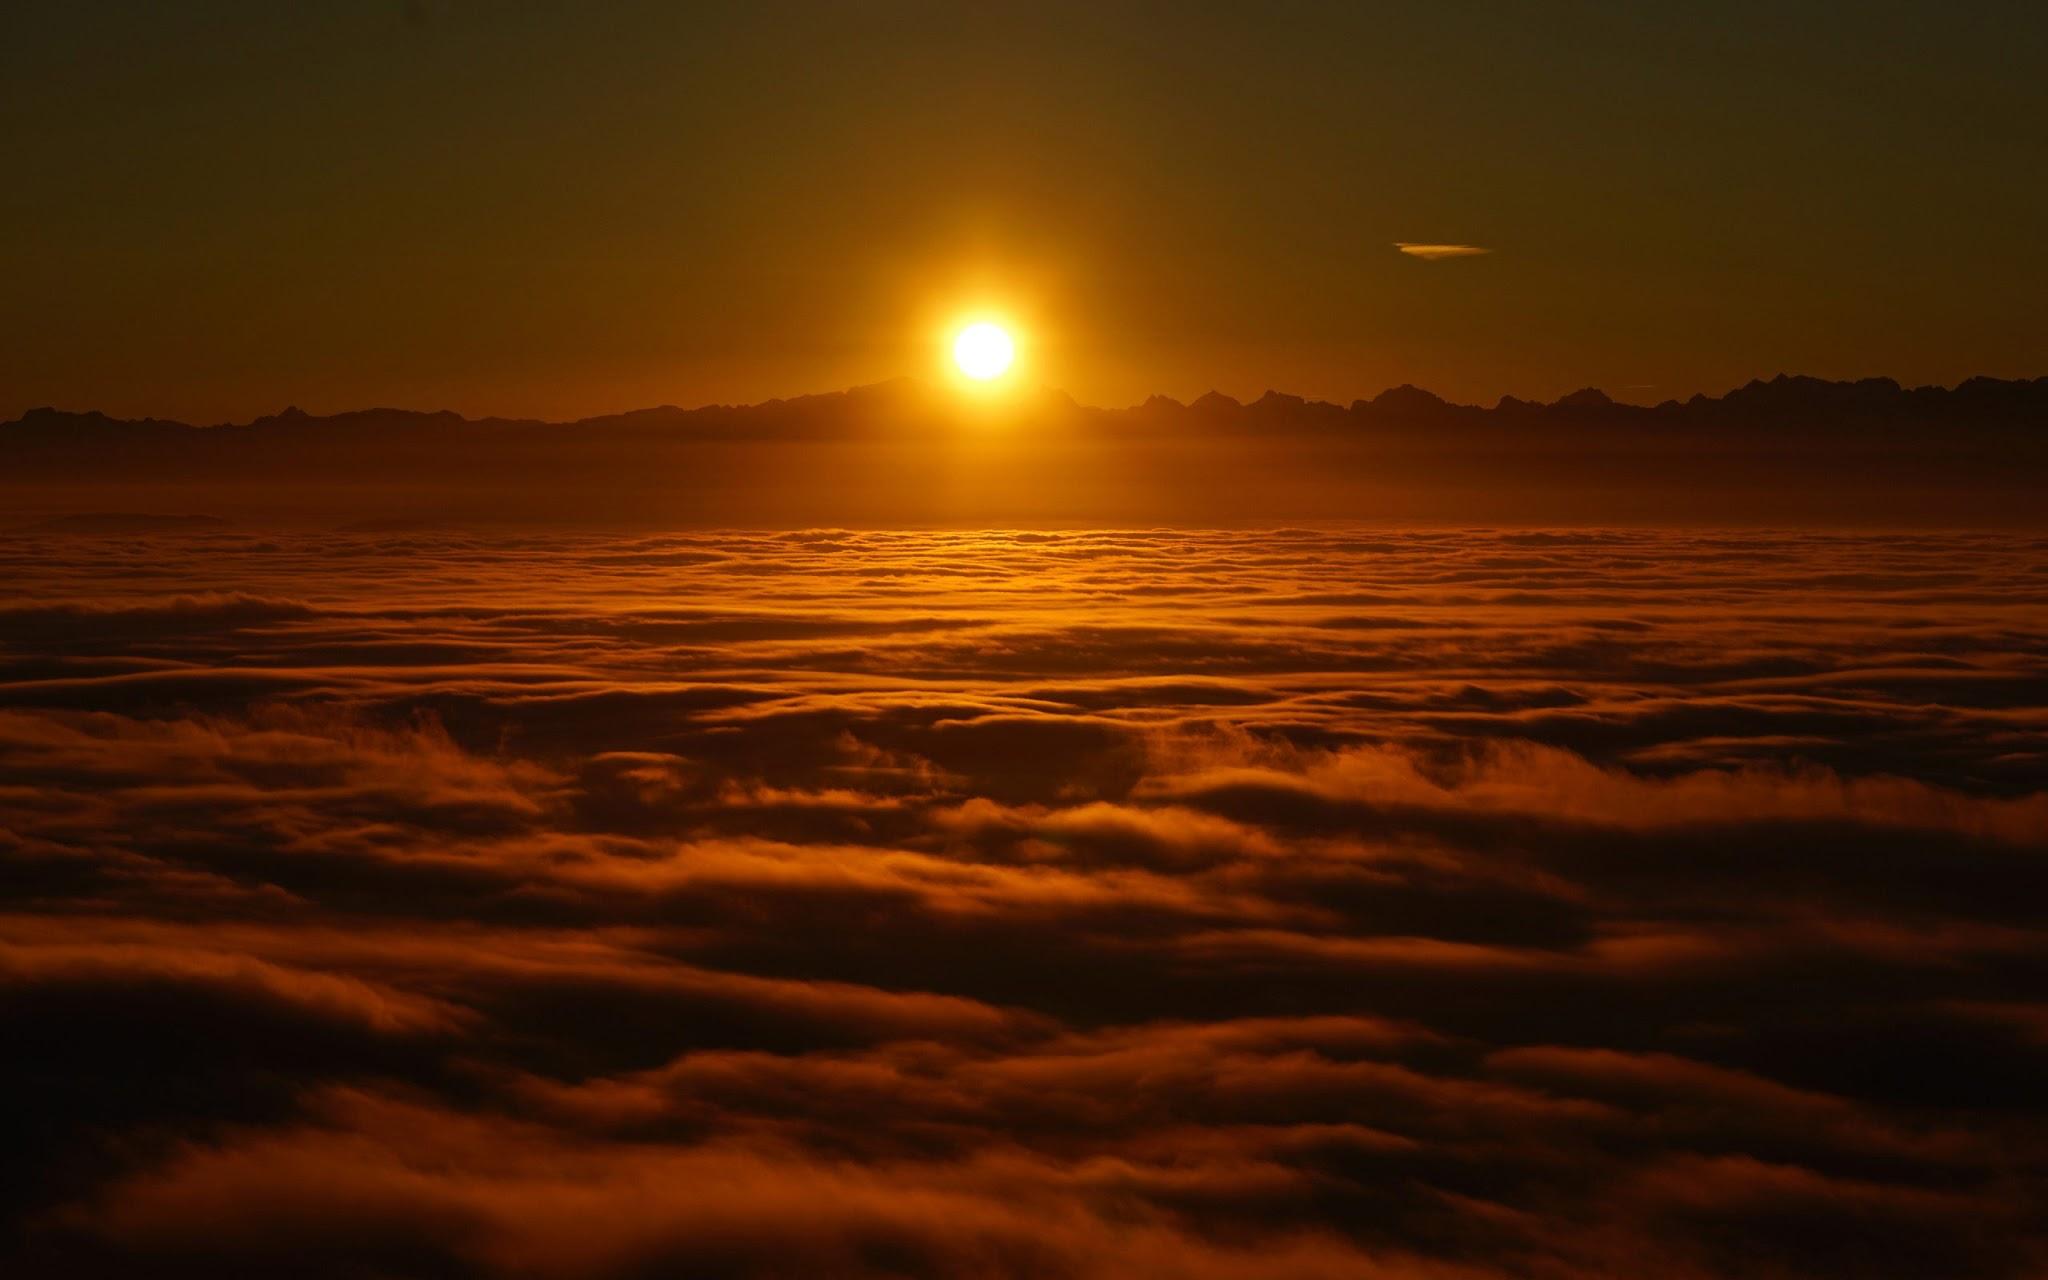 Nascer do sol acima das nuvens papel de parede grtis para pc hd papel de parede grtis nascer do sol acima das nuvens para pc notebook iphone thecheapjerseys Choice Image